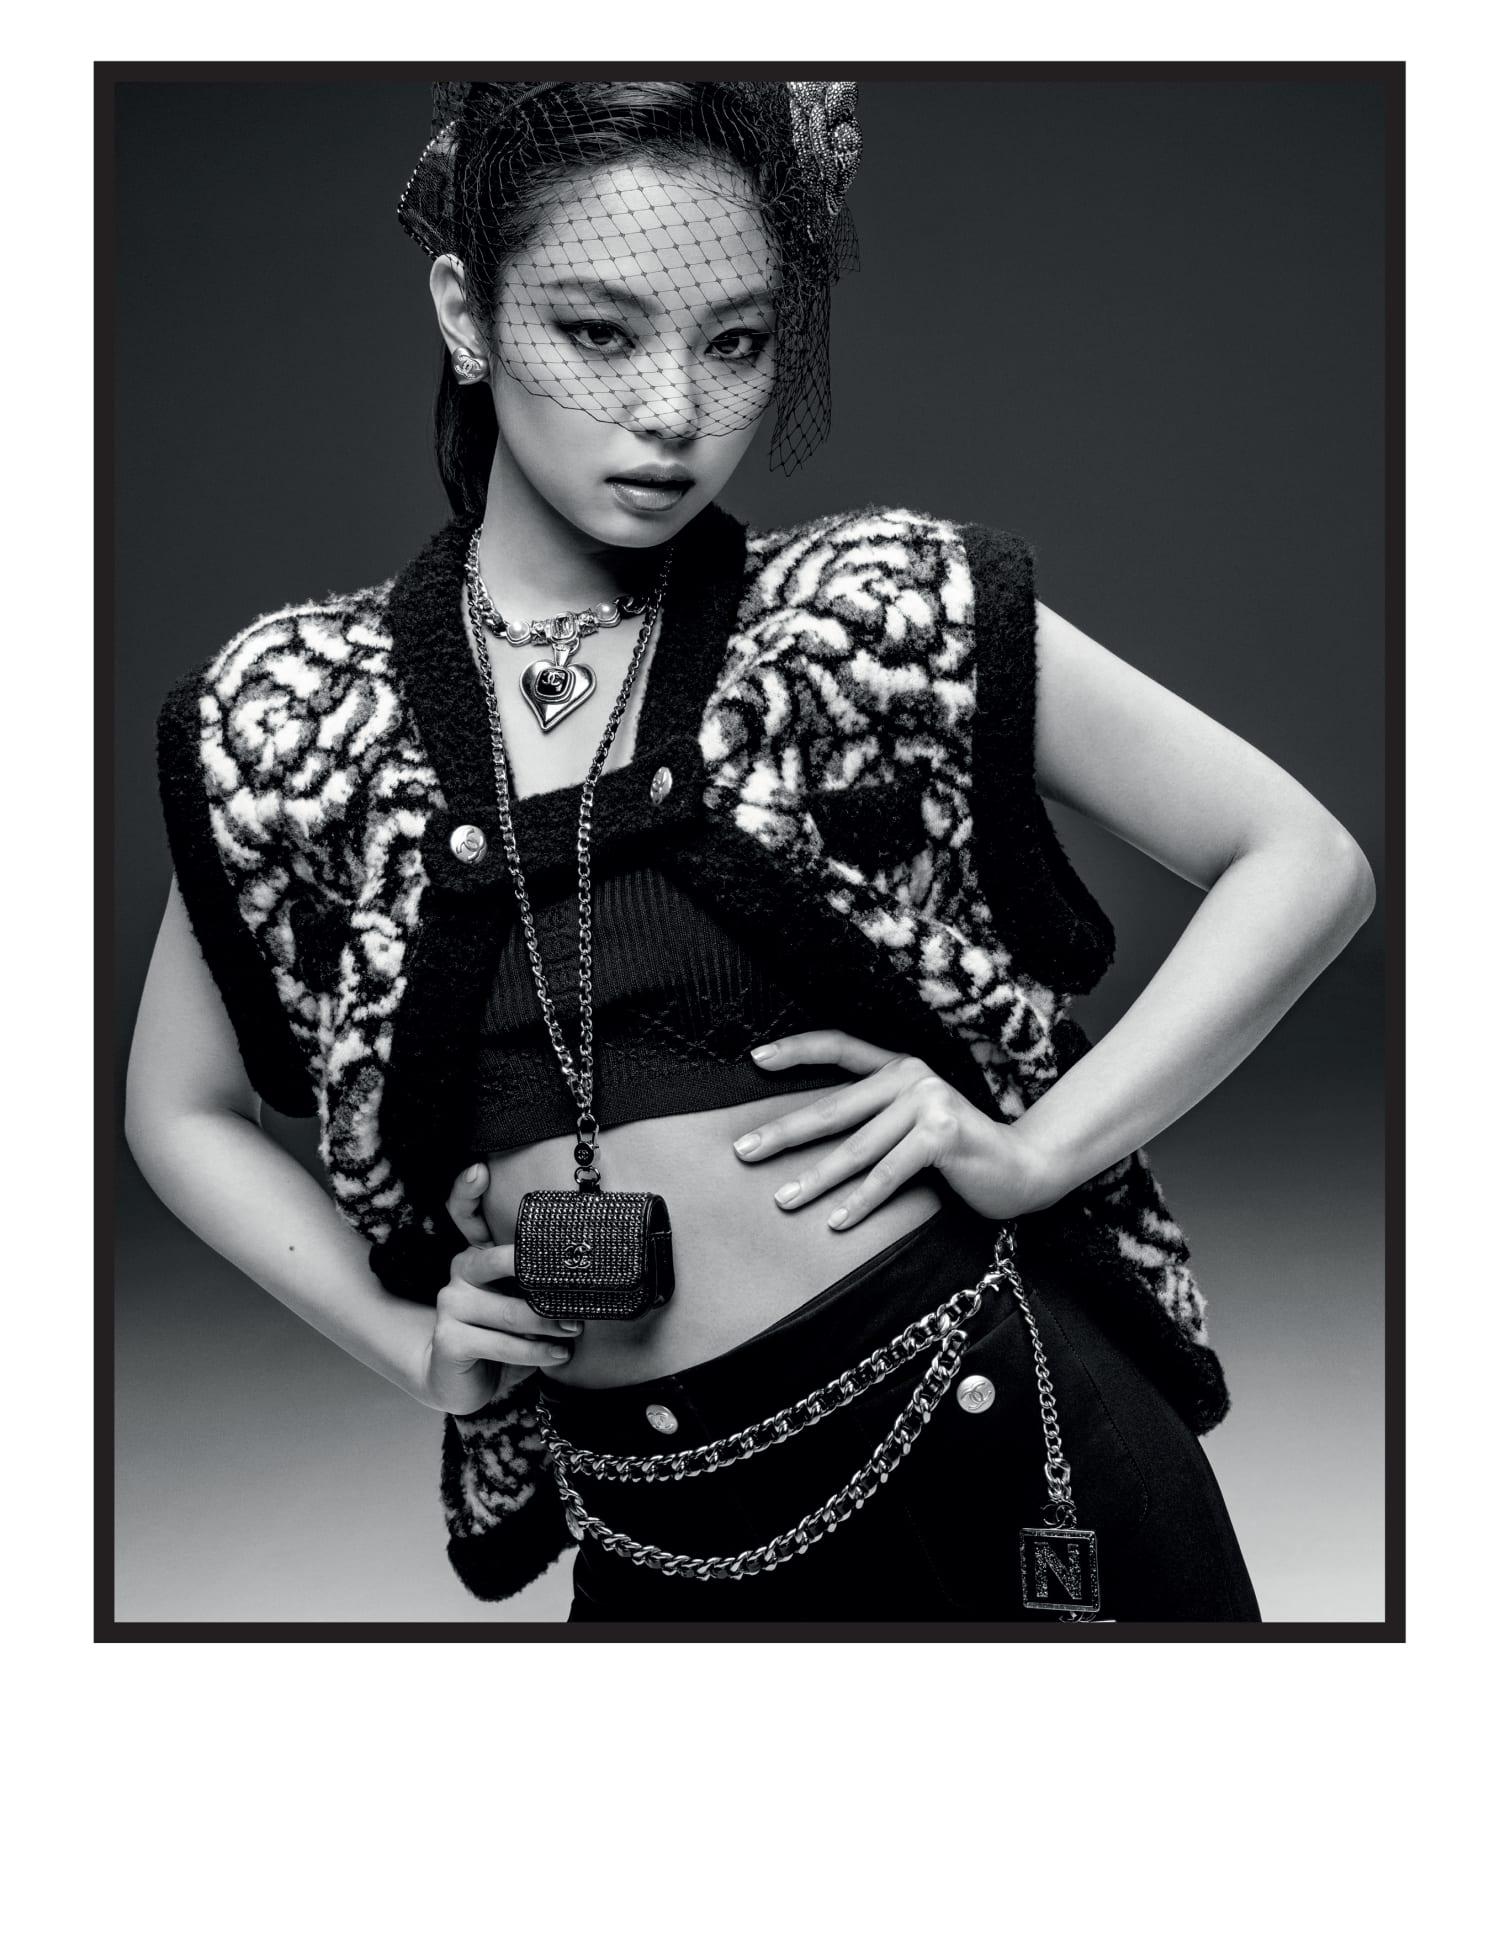 Исполнительница K-pop группы стала новым лицом рекламной кампании Chanel-Фото 4